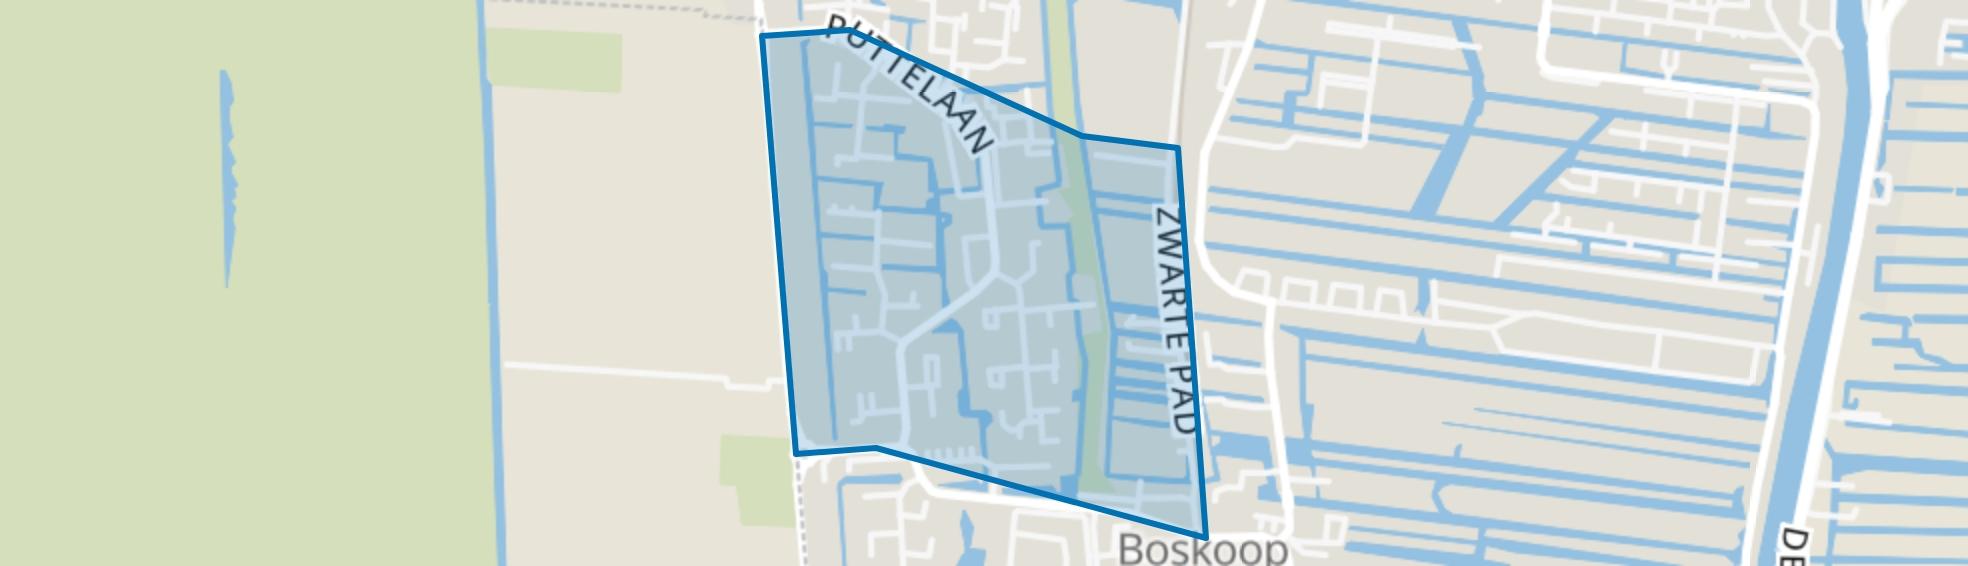 Snijdelwijk, Boskoop map